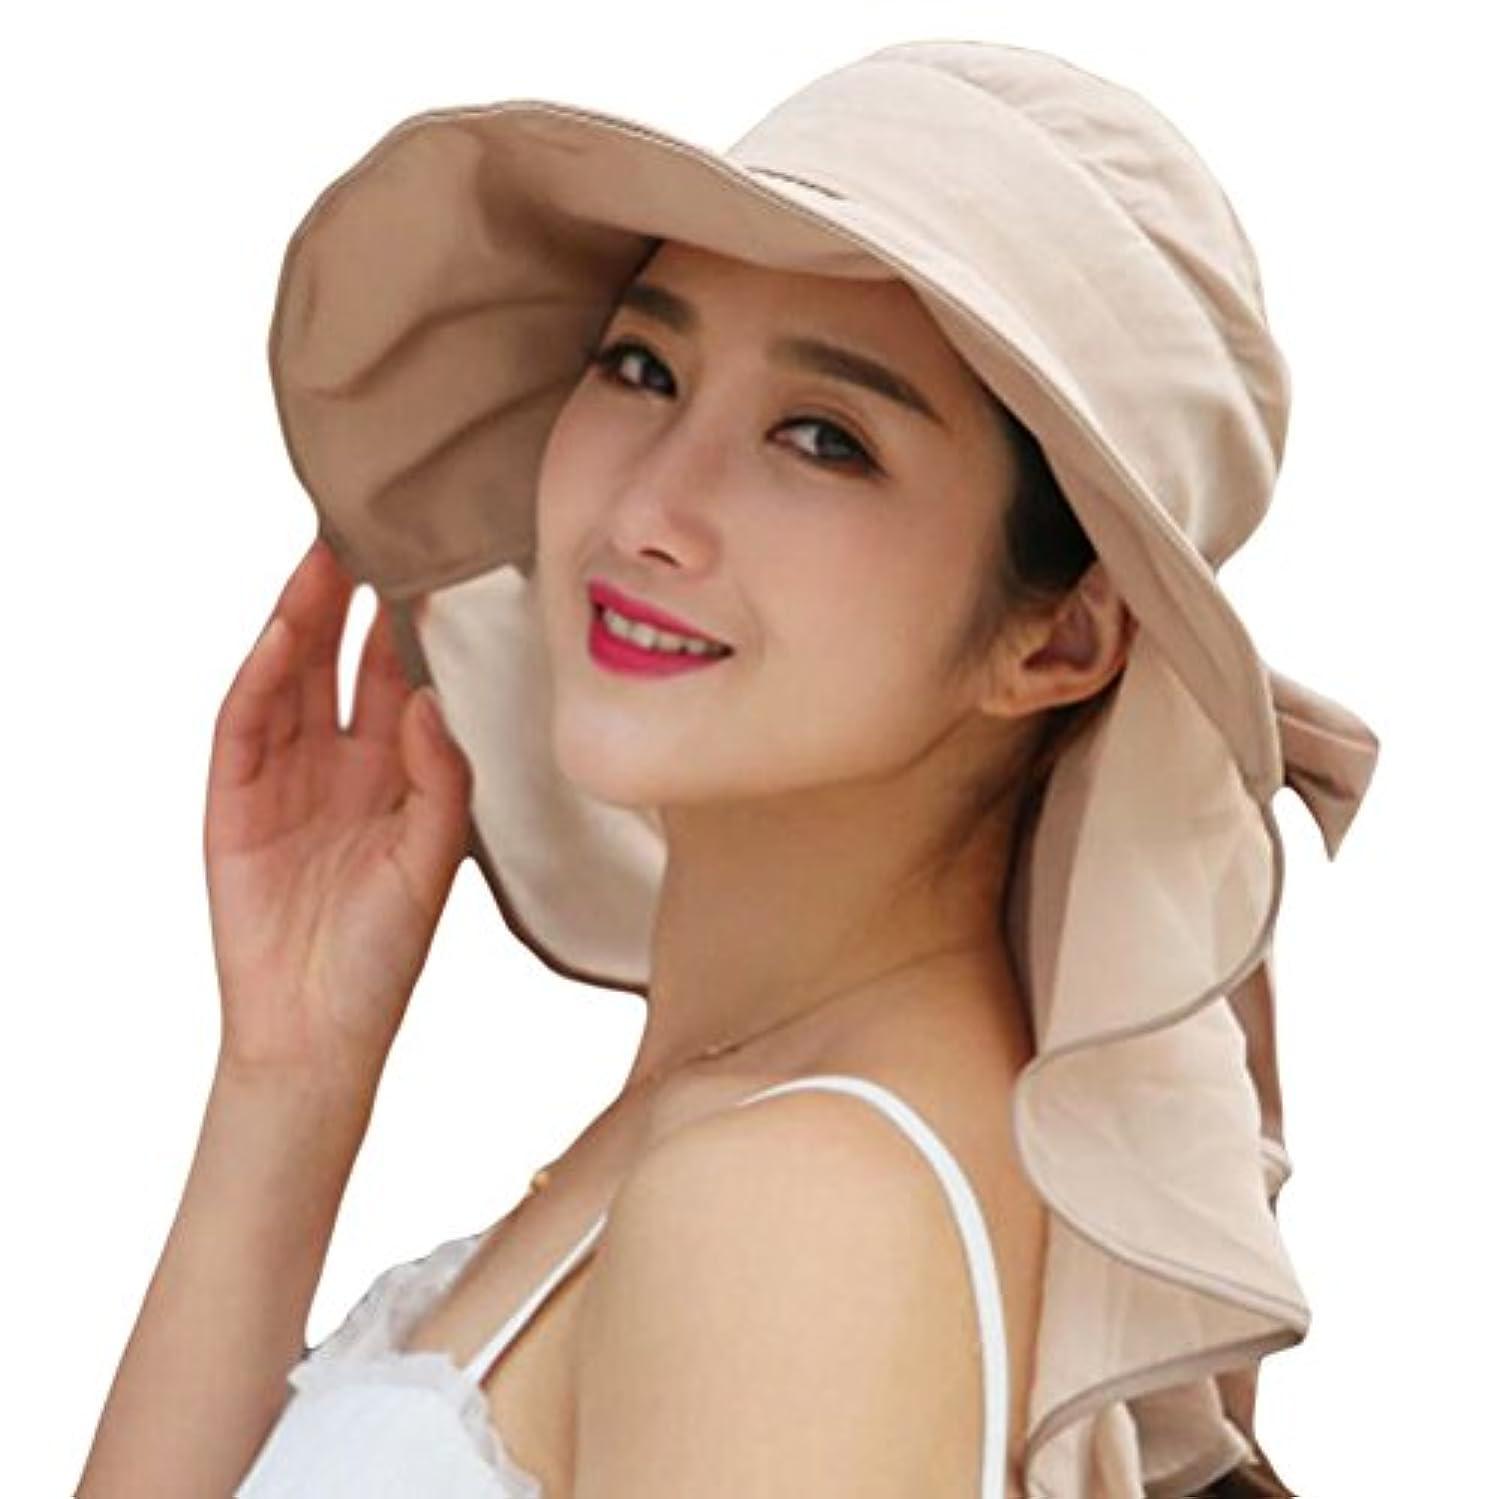 取り扱い大気邪魔折りたたみ可能なポータブル日焼け止め帽子ファッションアウトドアsunhat-01